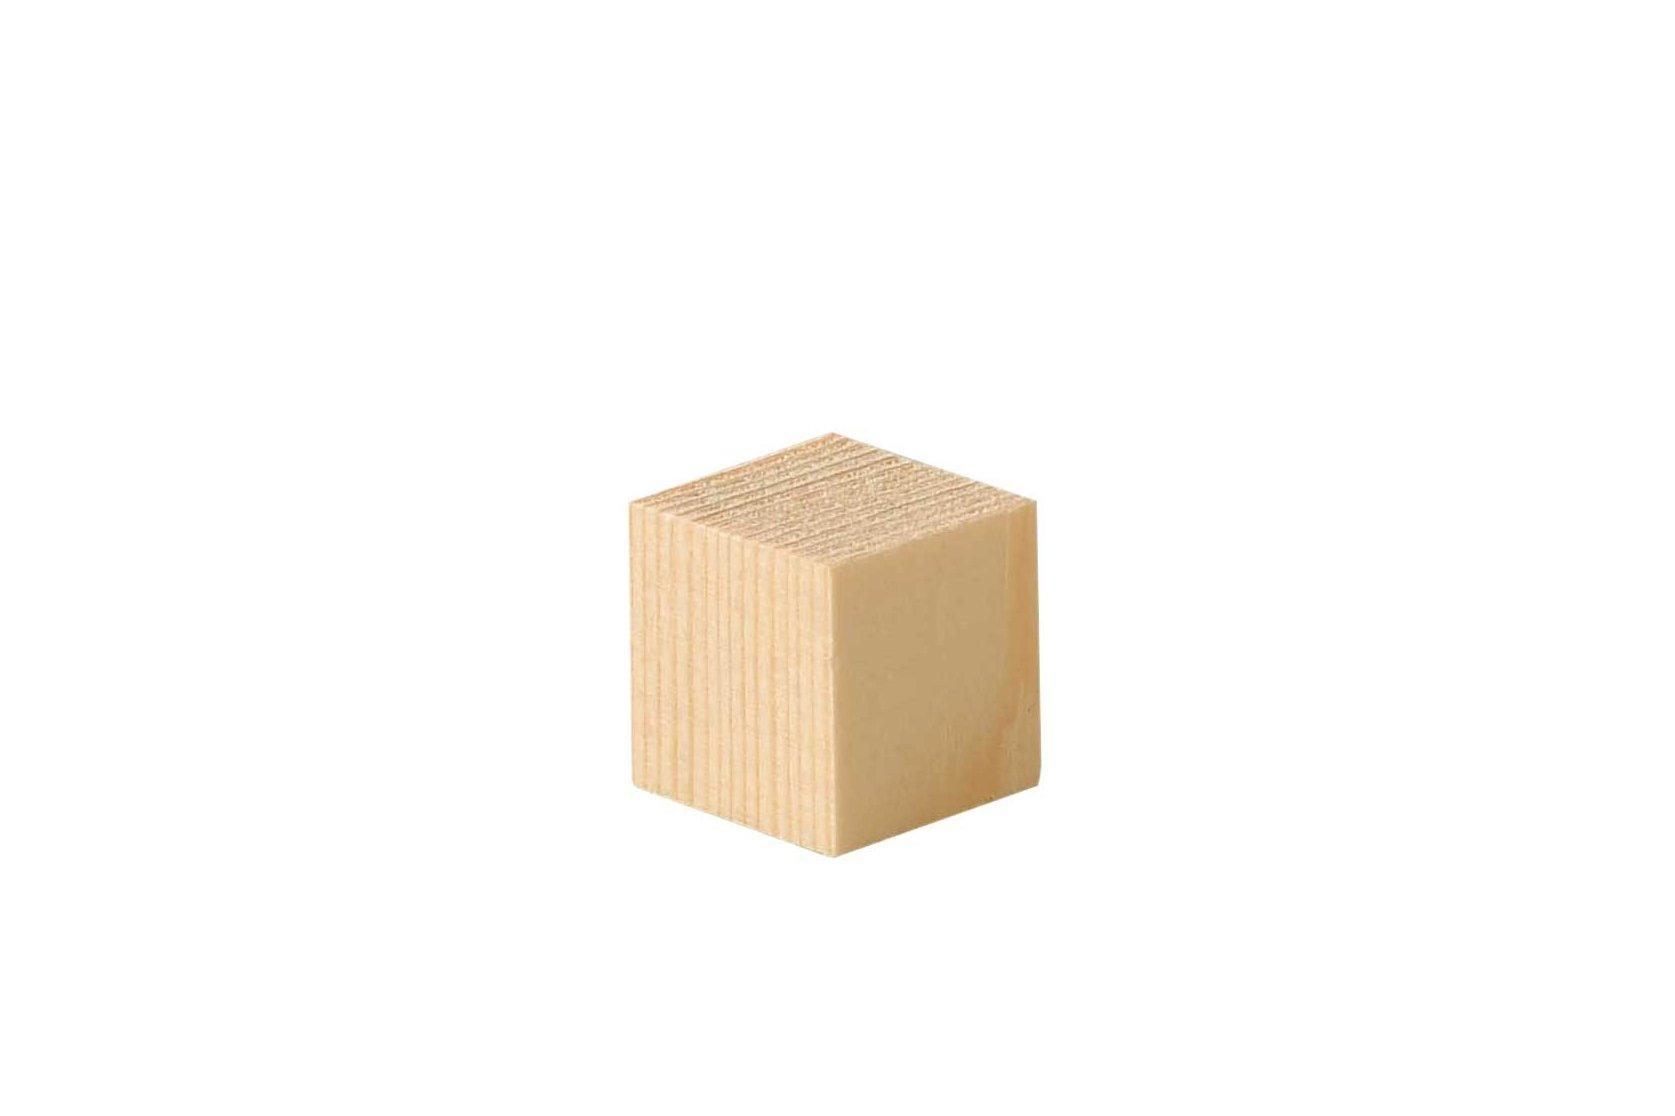 Houten blokjes grenen, 50 st., 2x2x2 cm